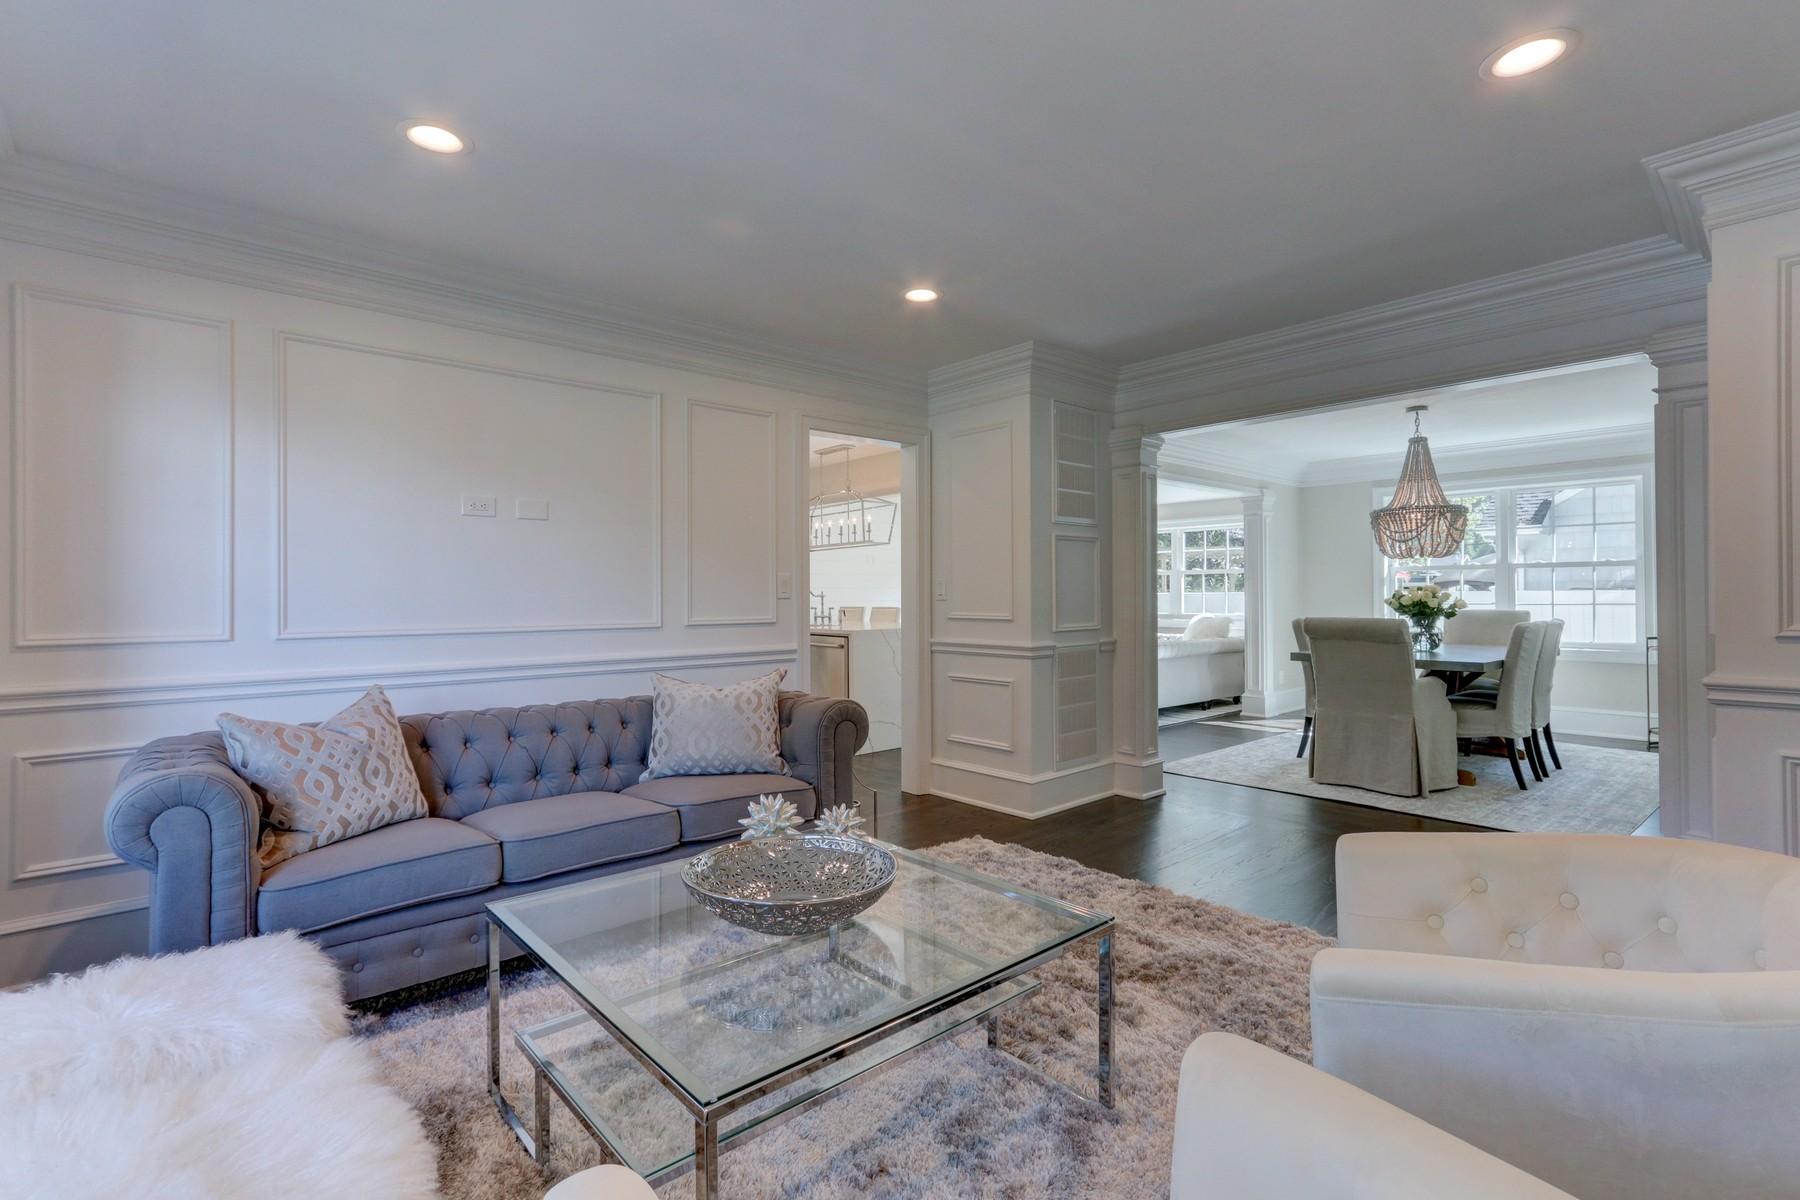 Single Family Homes für Verkauf beim Massapequa 120 Windsor Pl, Massapequa, New York 11758 Vereinigte Staaten